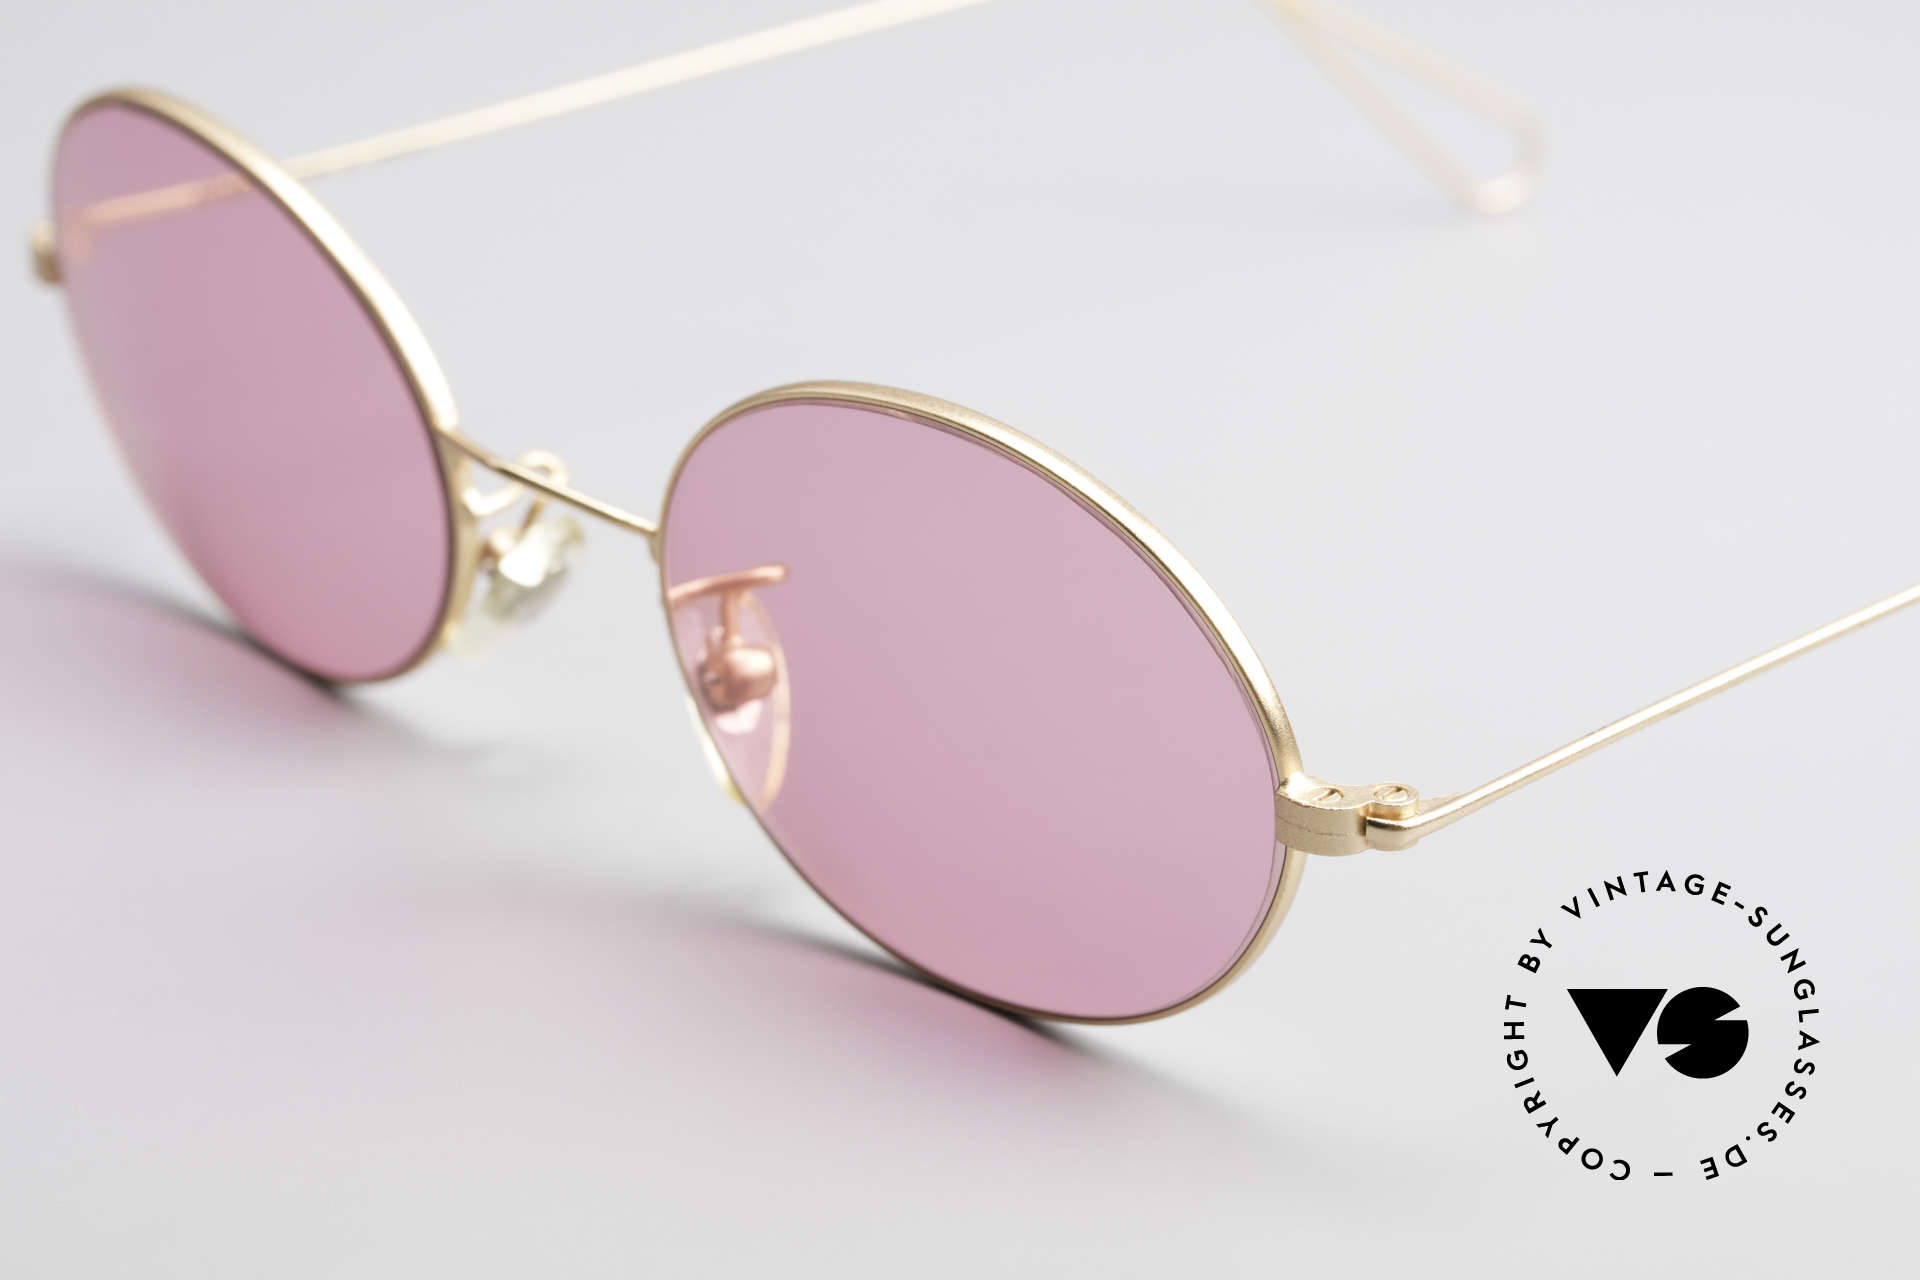 Cutler And Gross 0305 Ovale Sonnenbrille Vintage, ungetragen; Modell ist auch beliebig optisch verglasbar, Passend für Herren und Damen